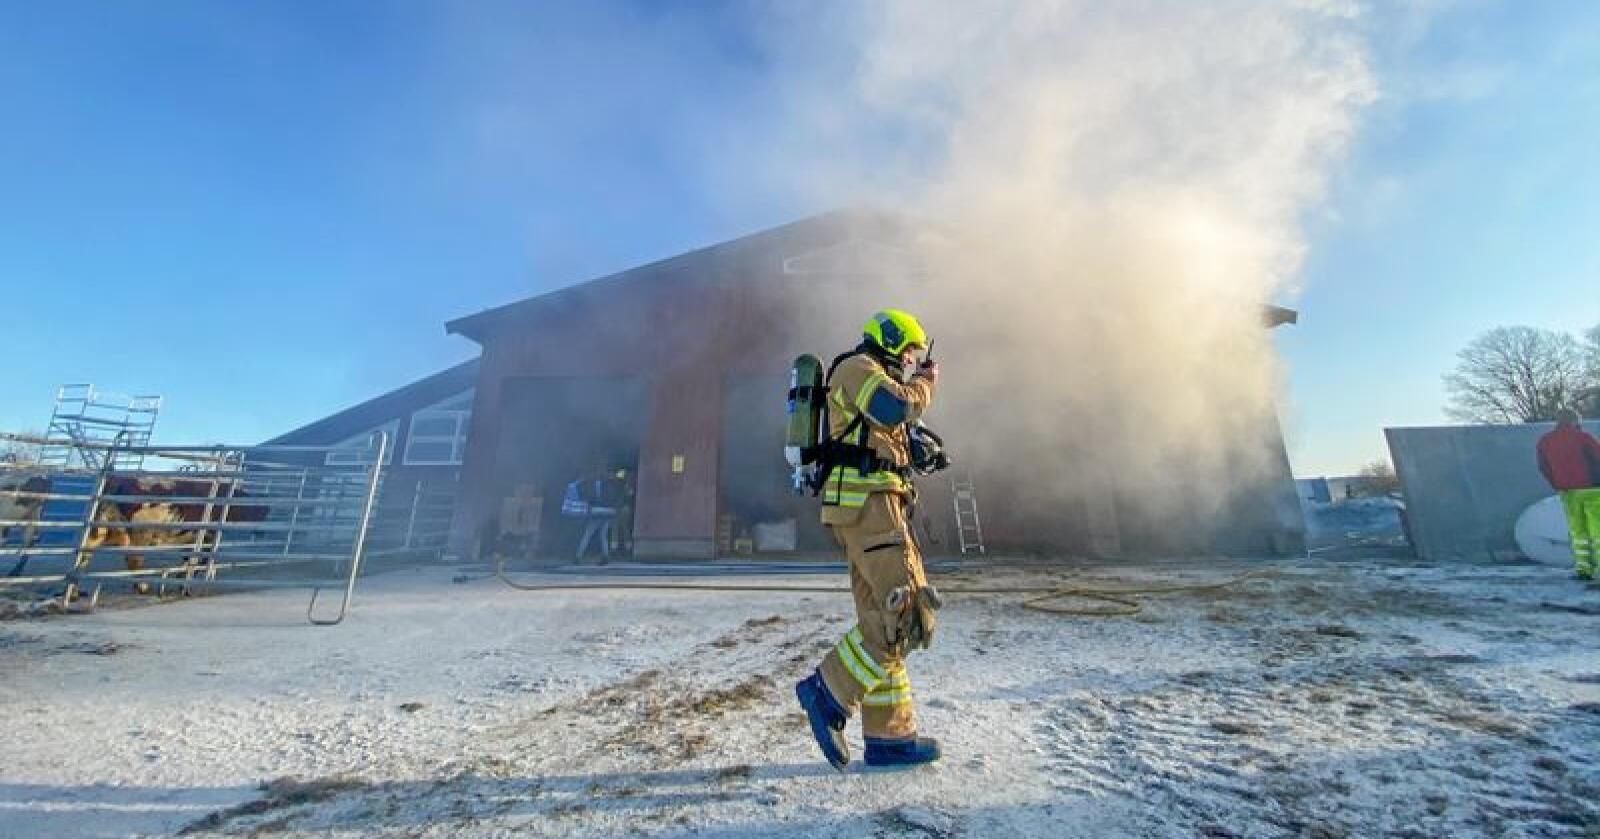 Brannøvelse i fjøset: De siste årene har antall husdyrbranner gått ned. Her fra en brannøvelse på Mære landbruksskole i Steinkjer. Alle foto: Håvard Zeiner